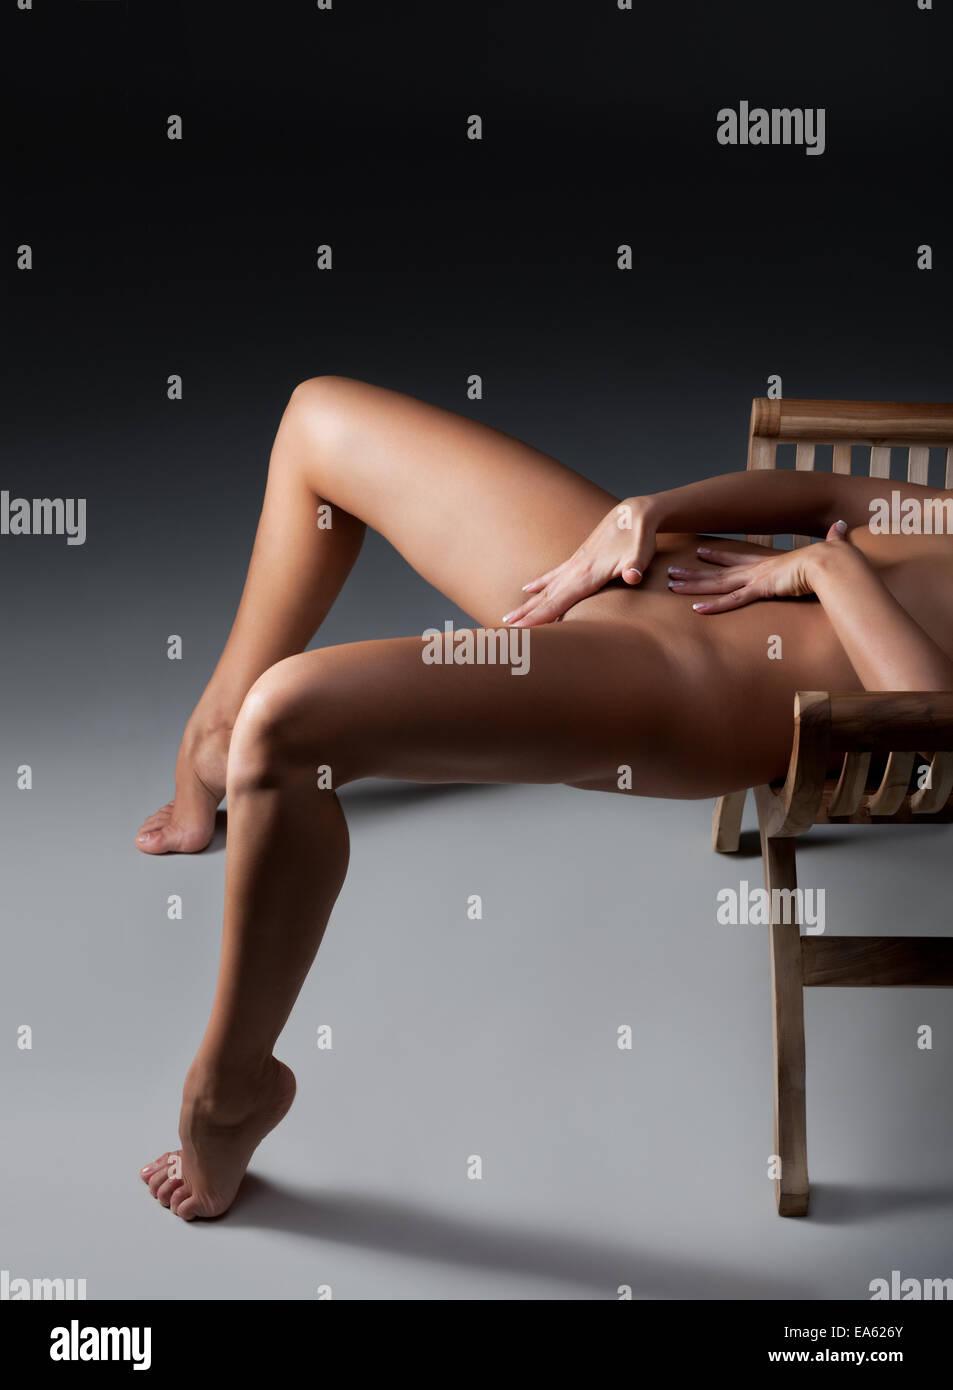 Photo Artistique Corps Femme : photo, artistique, corps, femme, Corps, Femme, Photo, Stock, Alamy